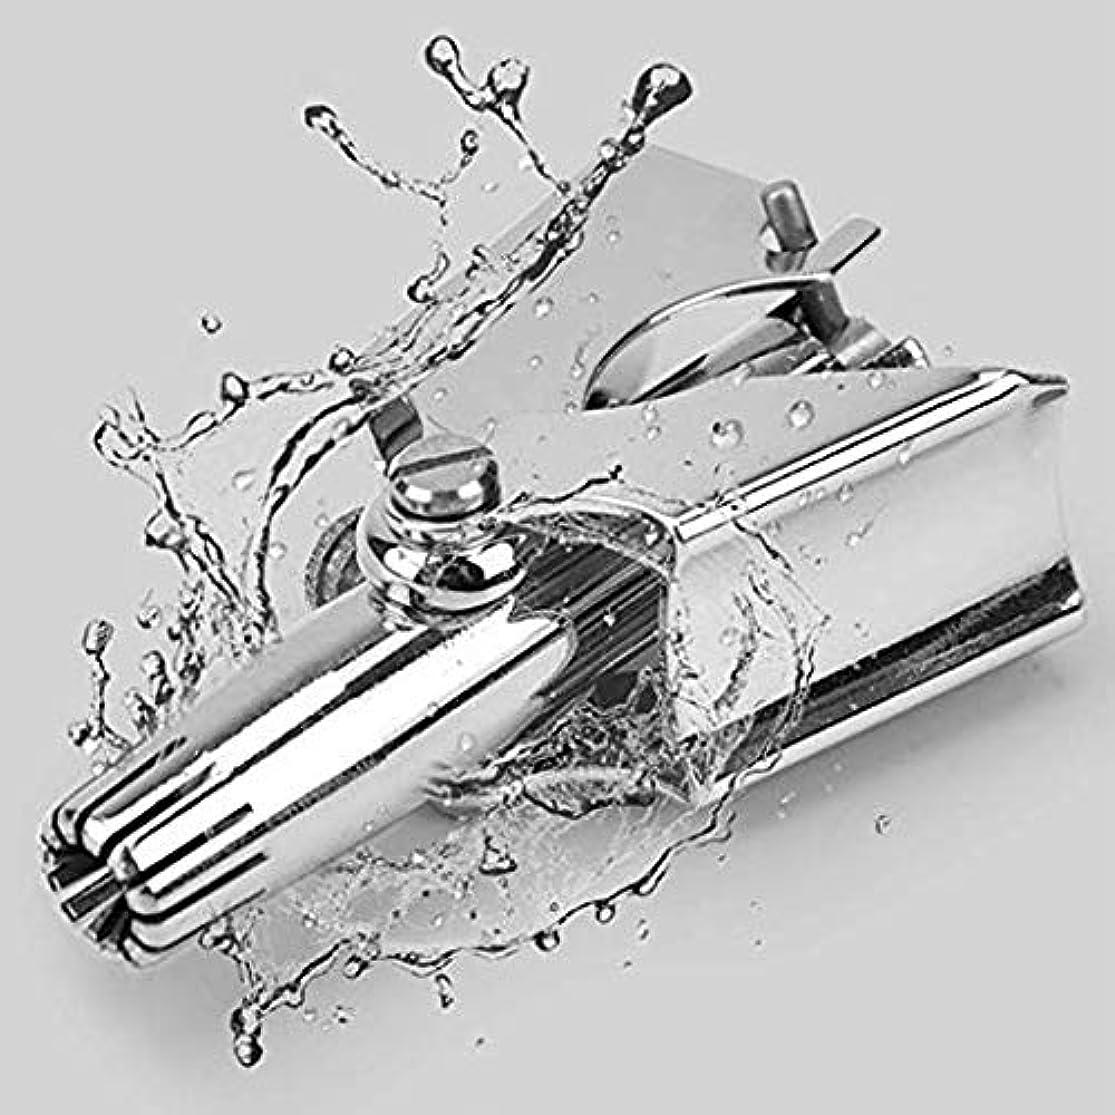 急勾配の薬汚物耳と鼻の毛トリマー、男性と女性のための手動鼻毛トリマー、完璧なステンレス鋼の鼻トリマーはさみ-シルバー(バッテリー不要) (Color : Silver)